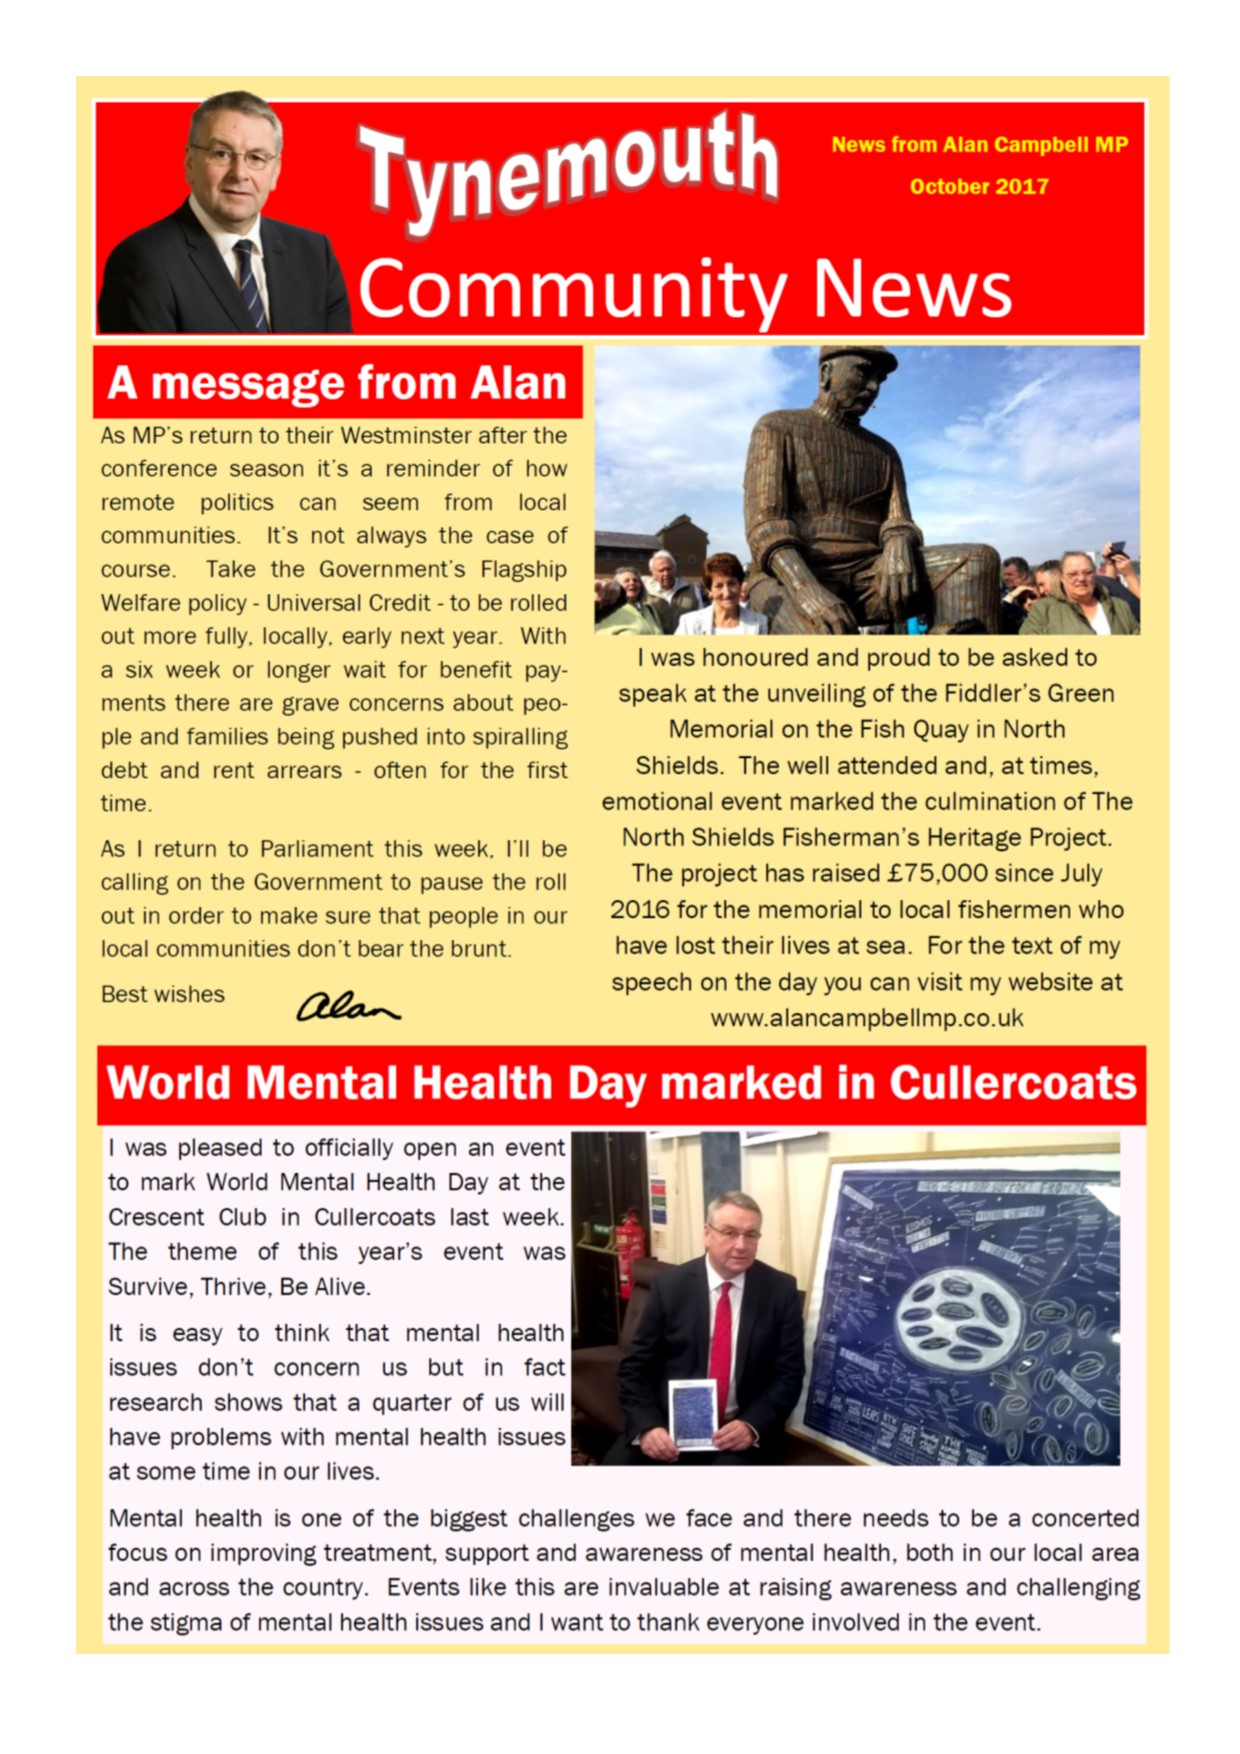 Alan_Campbell_MP_-_Community_News_-_October_2017_.jpg